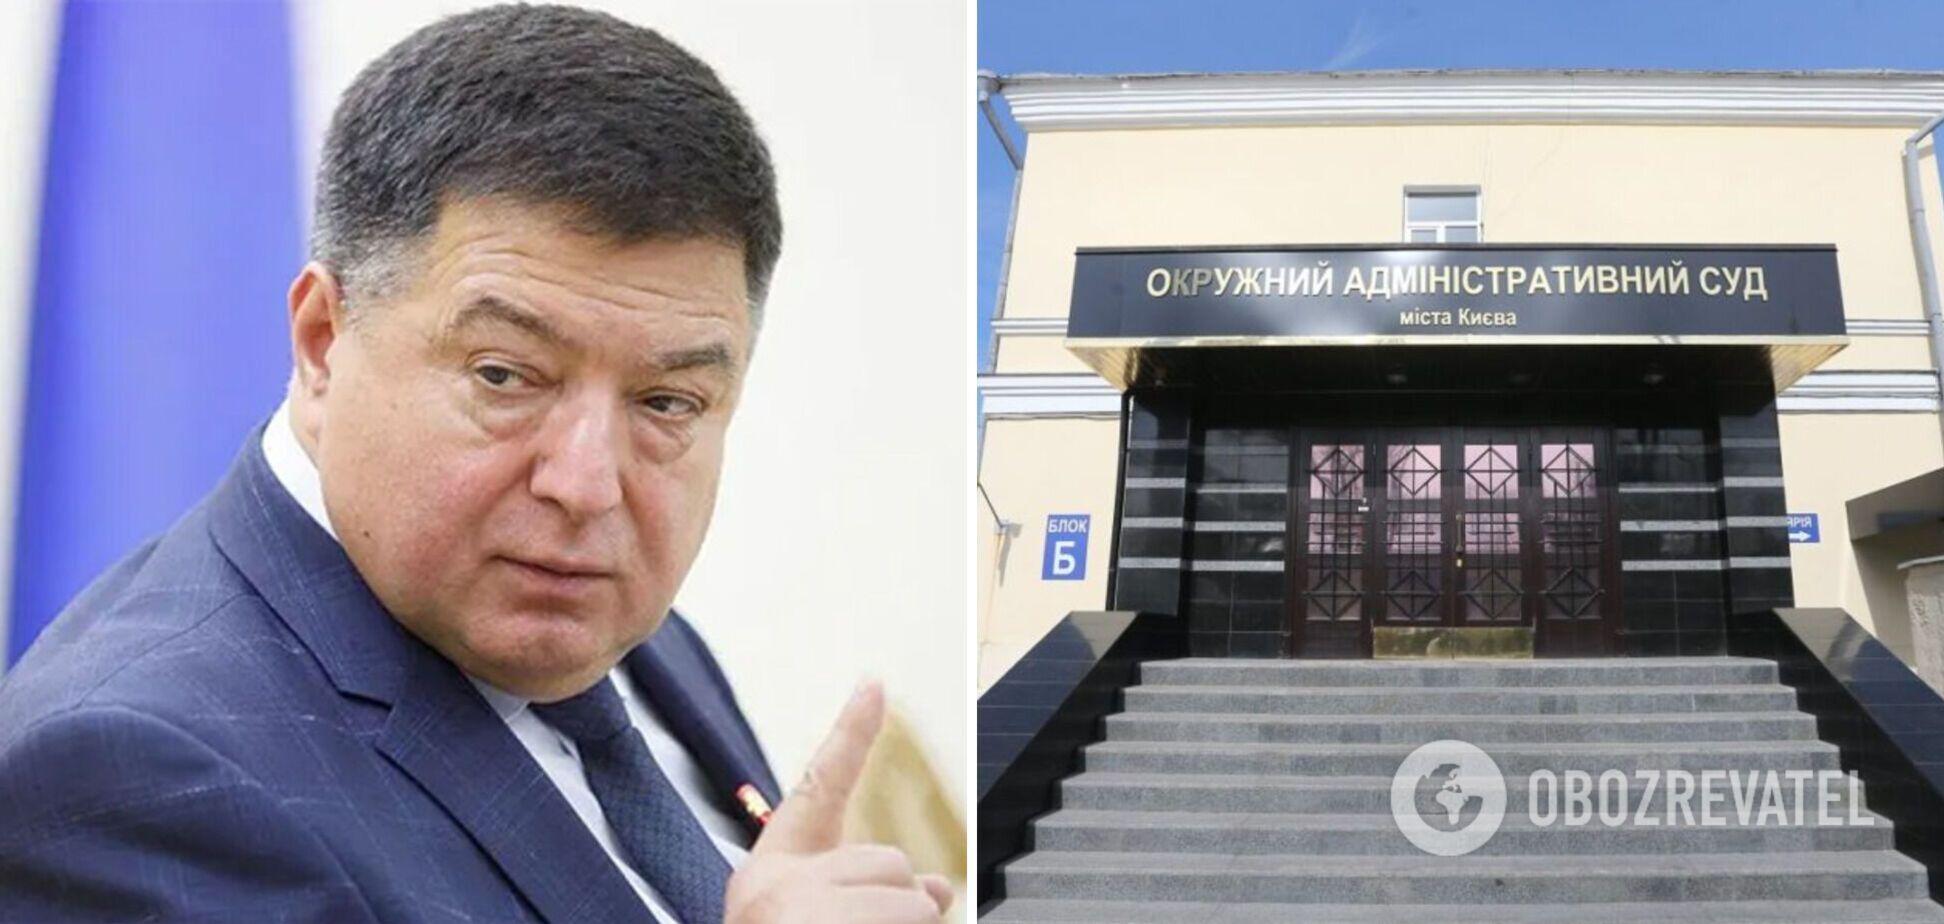 Тупицкий через суд требует от КСУ 900 тысяч зарплаты